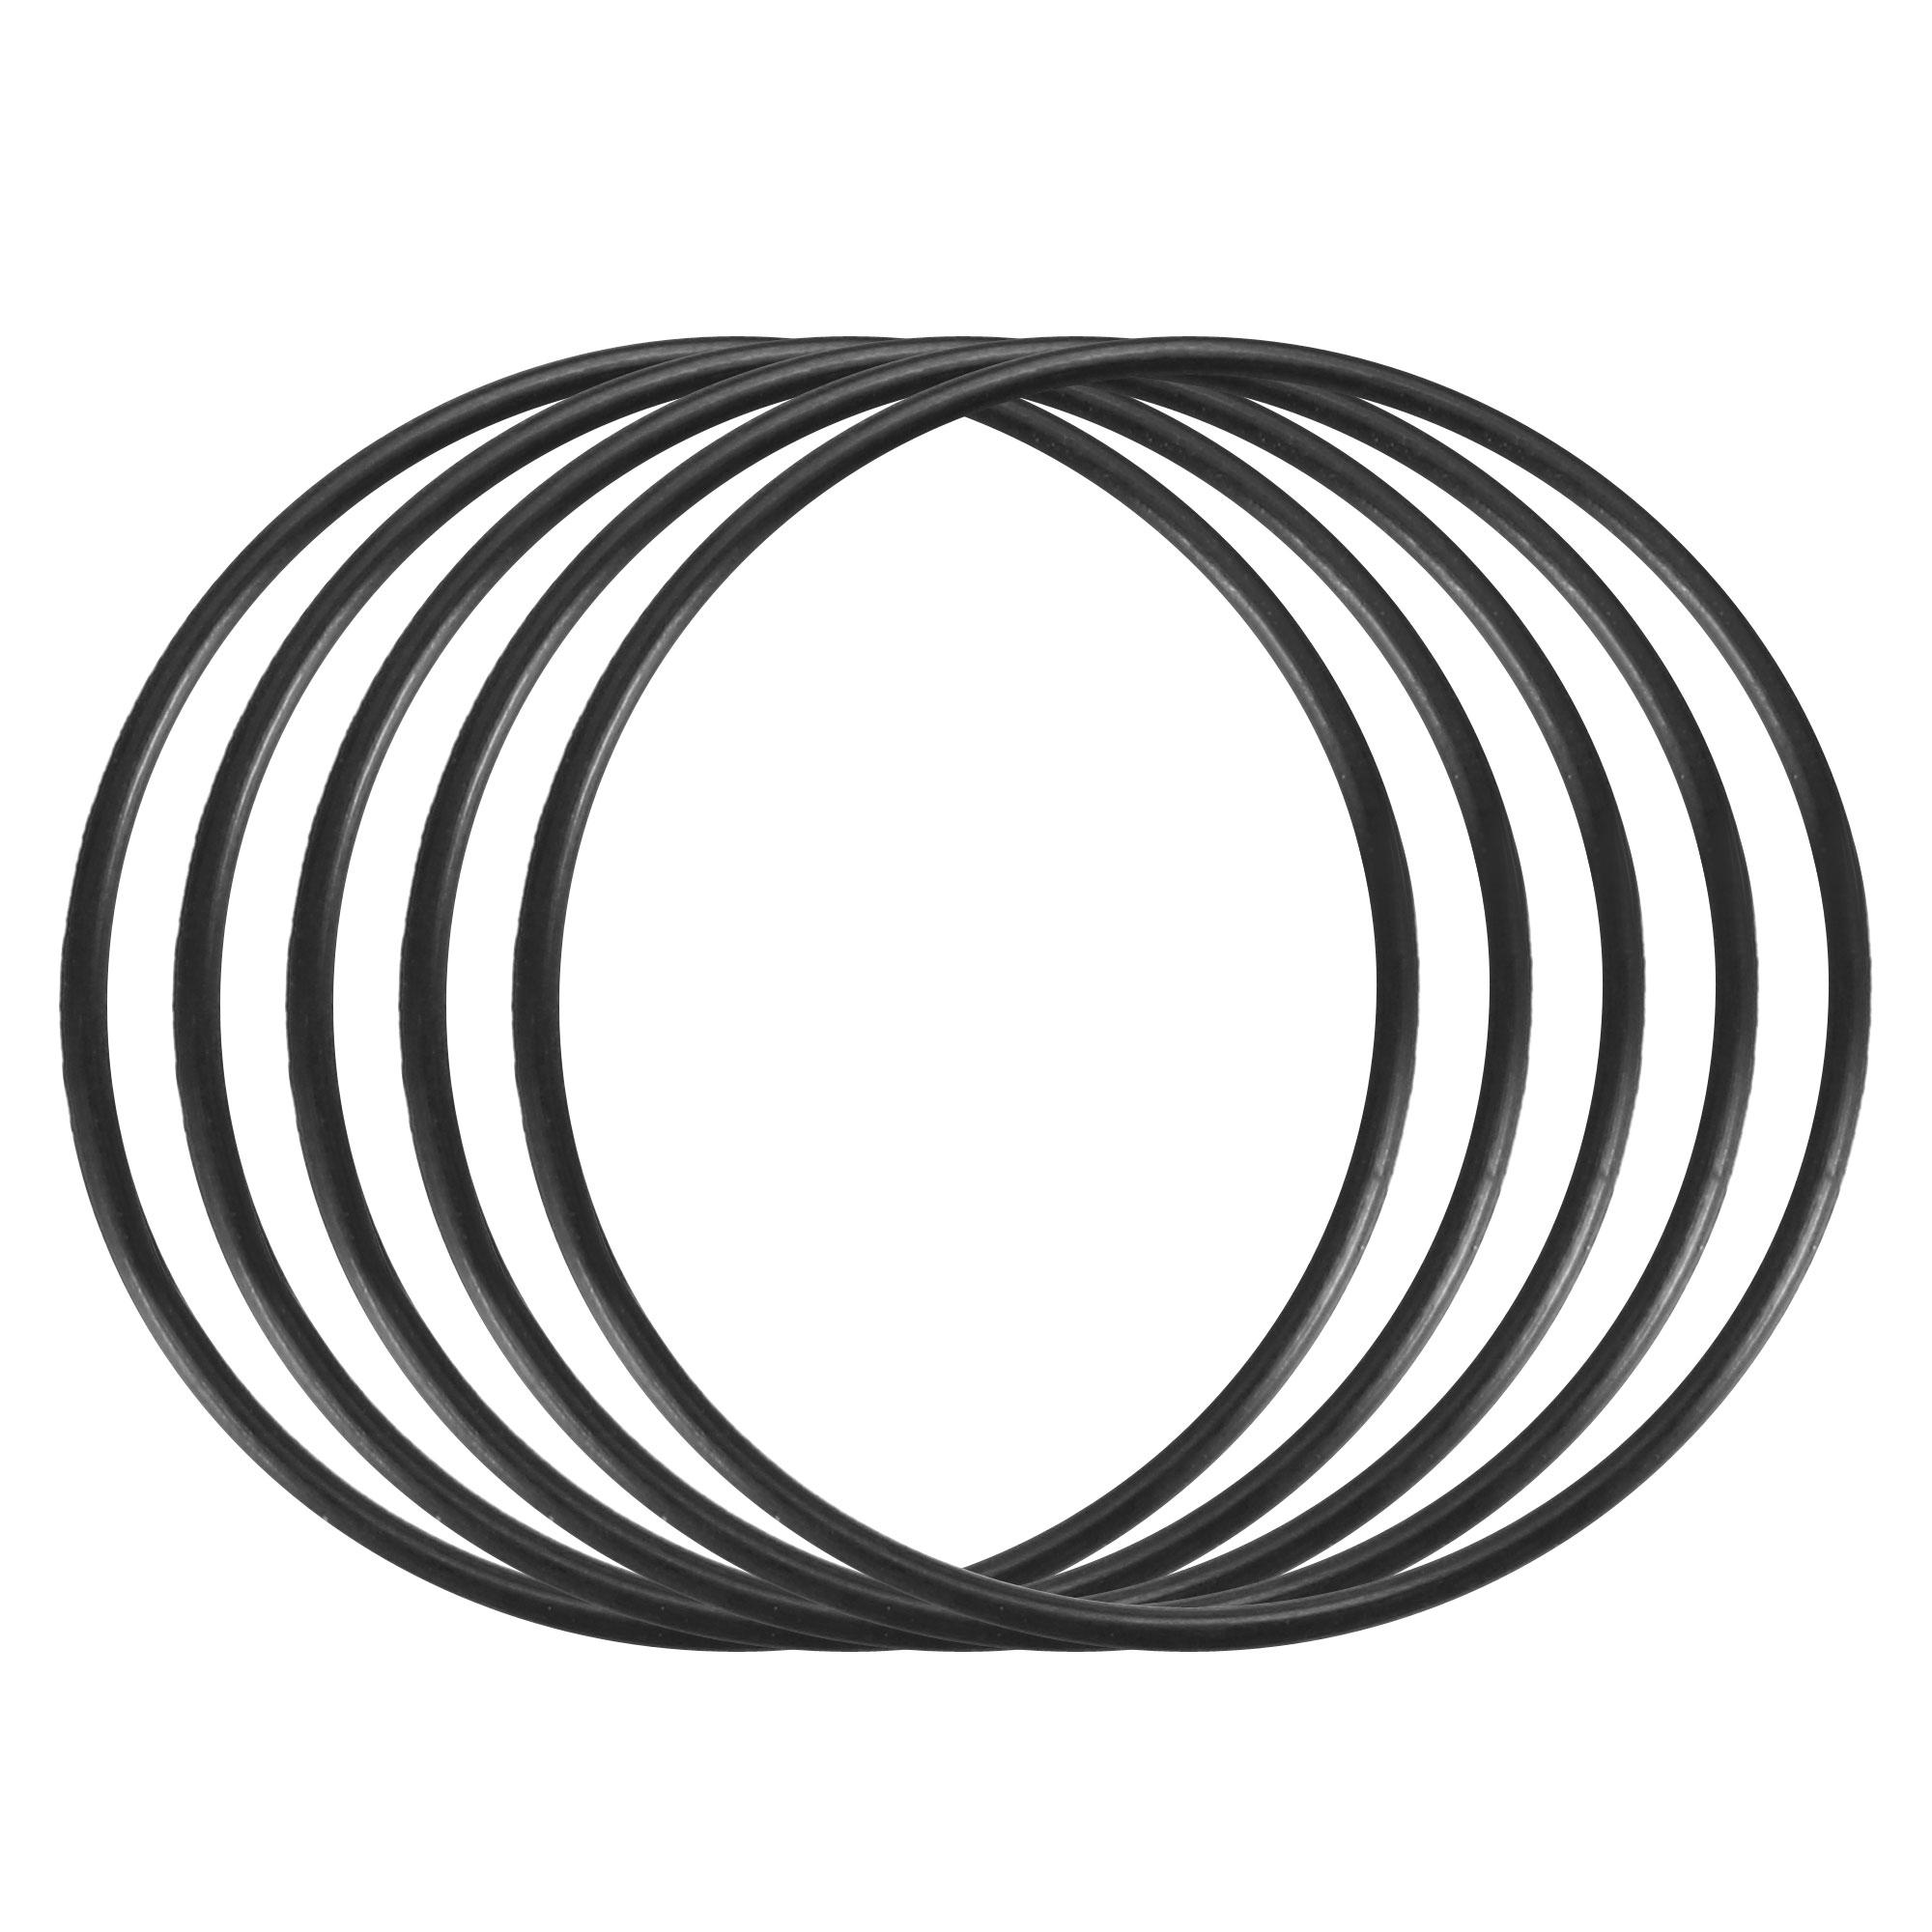 5pcs Black Nitrile Butadiene Rubber NBR O-Ring 26mm Inner Dia 1mm Width